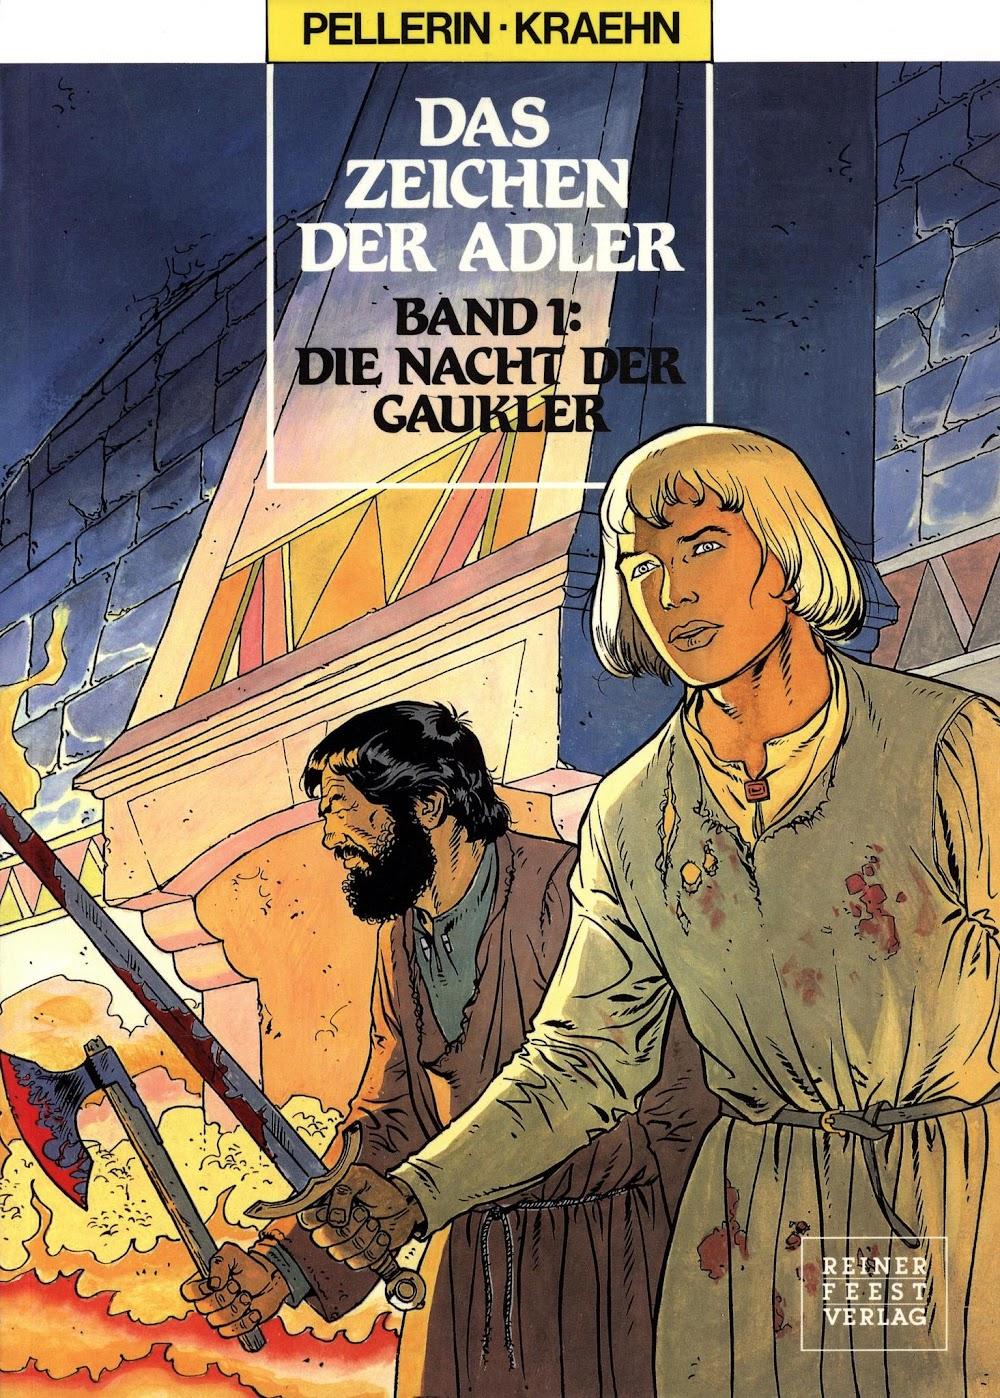 Das Zeichen der Adler (1988)